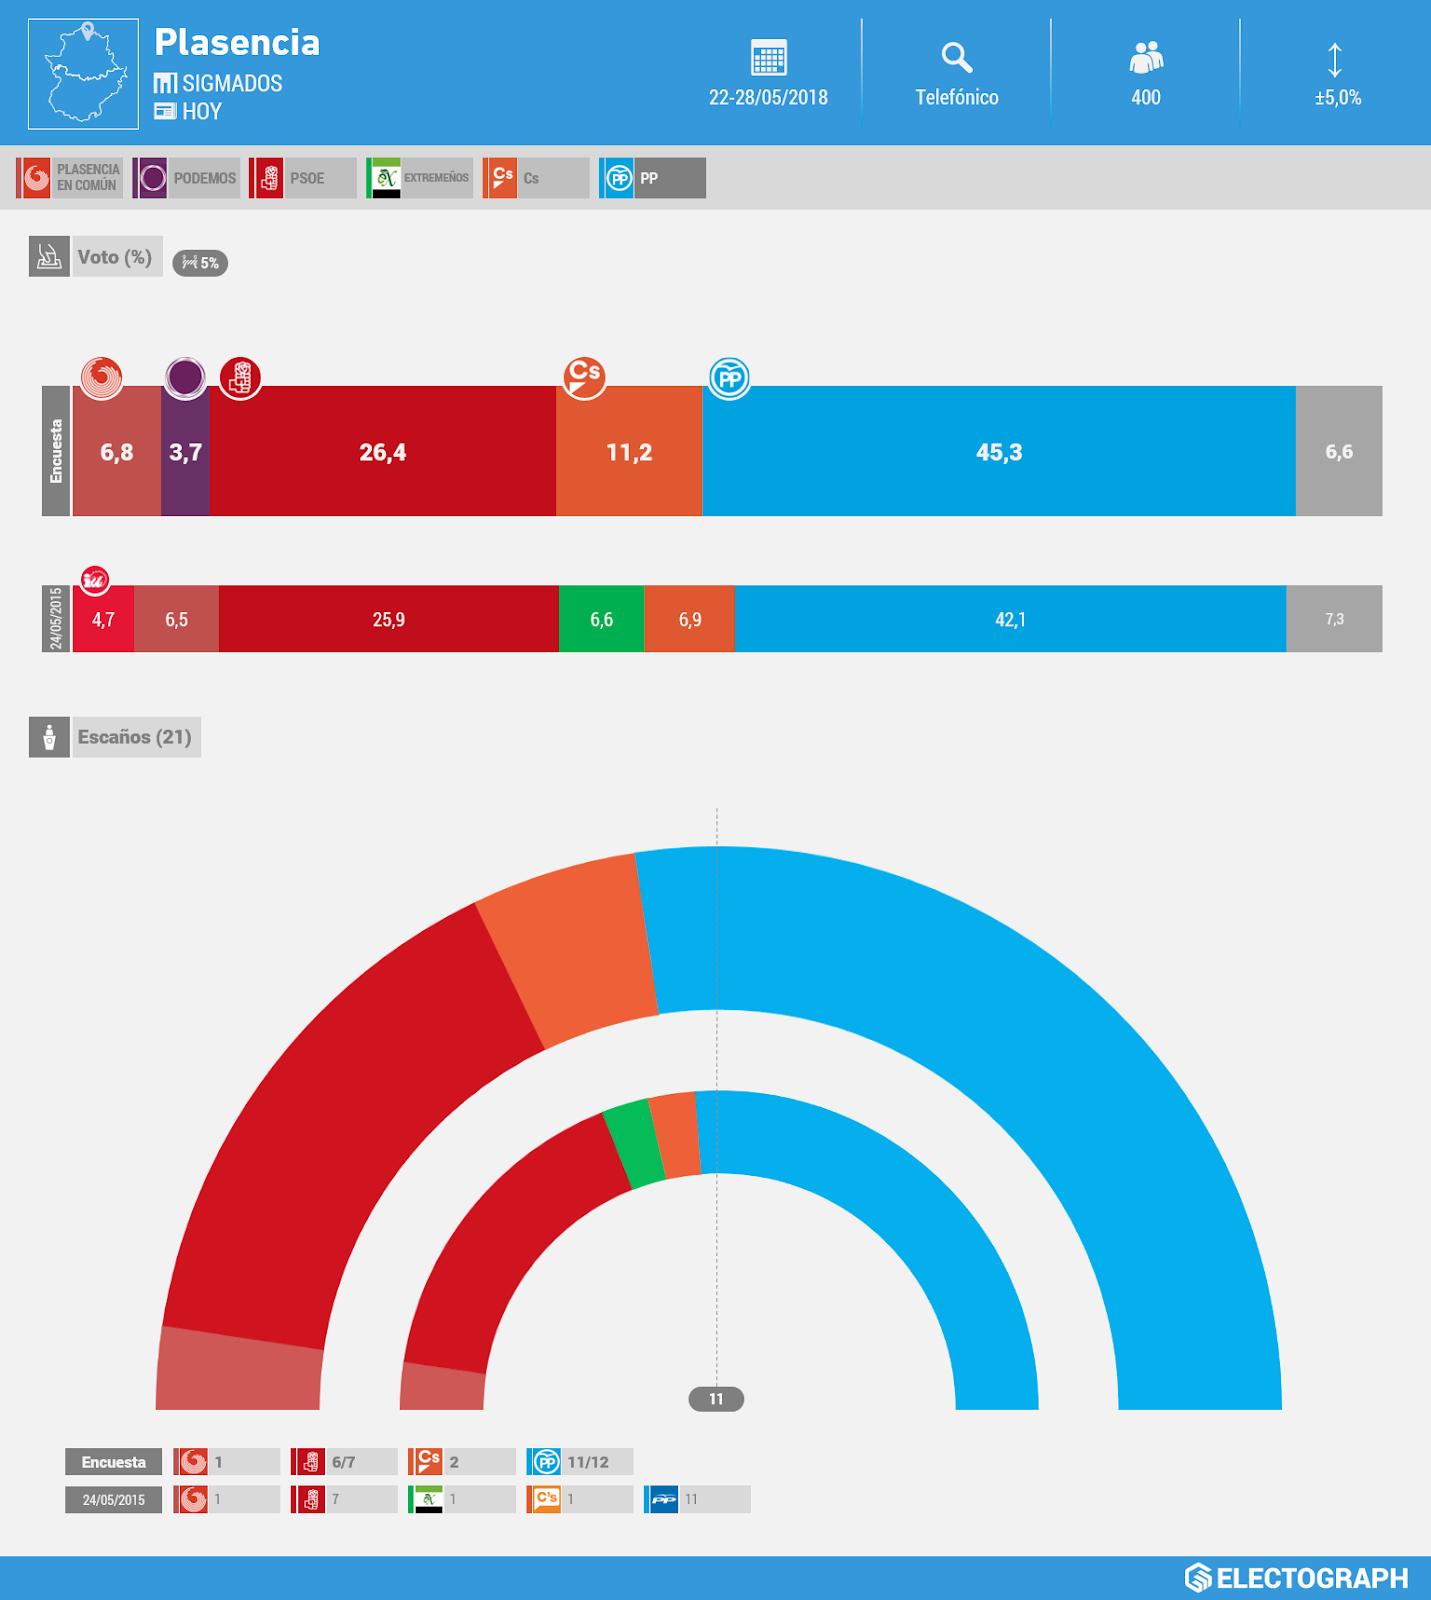 Gráfico de la encuesta para elecciones municipales en Plasencia realizada por SigmaDos para Hoy en mayo de 2018